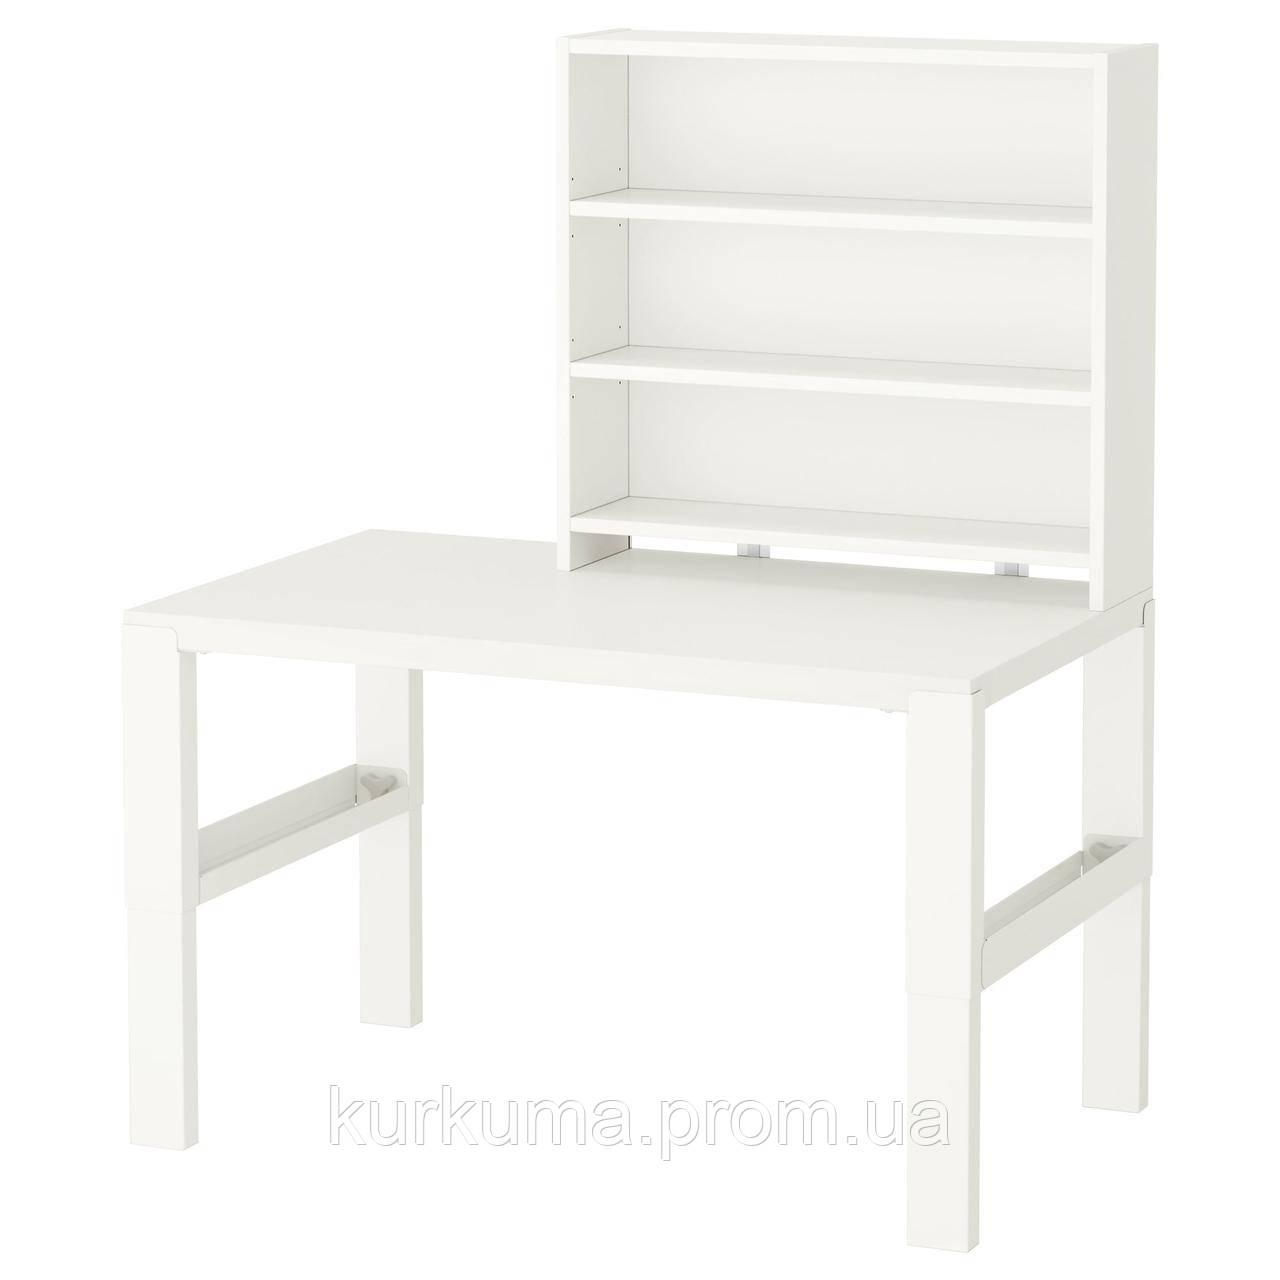 IKEA PAHL Стол с полкой, белый  (691.289.92)